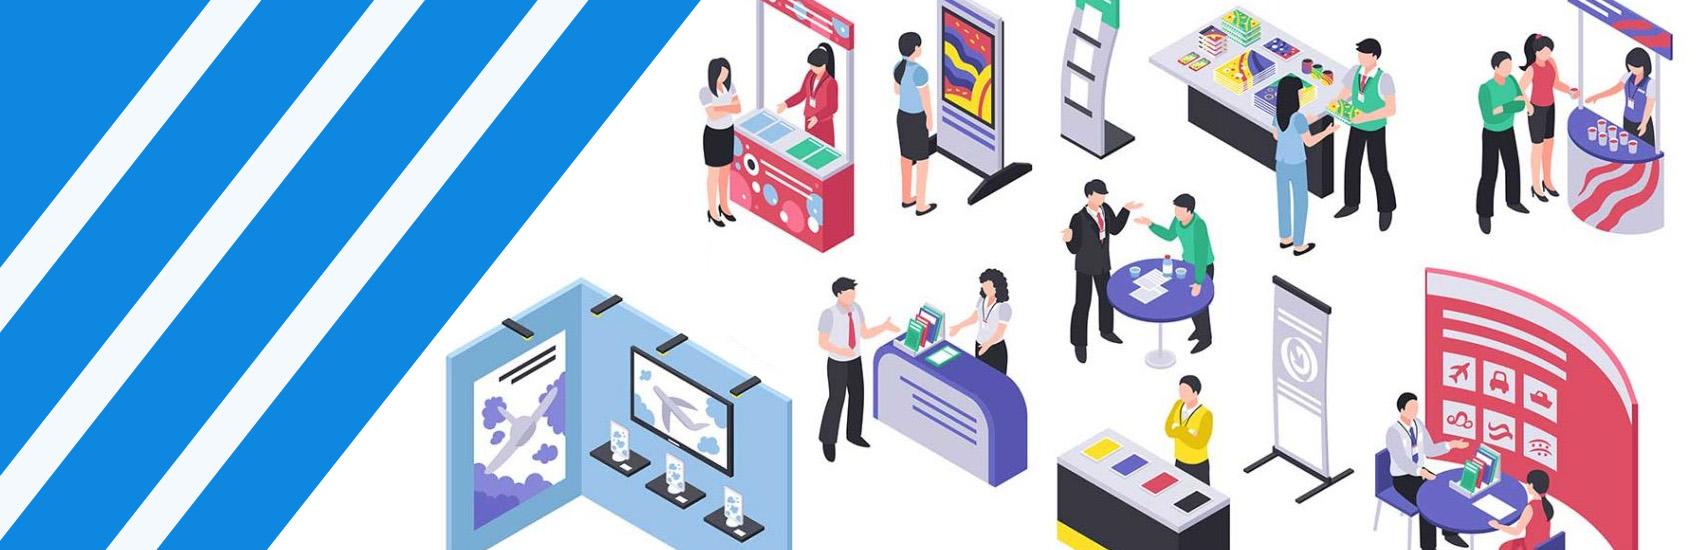 Как участие в выставке поможет увеличить прибыль?